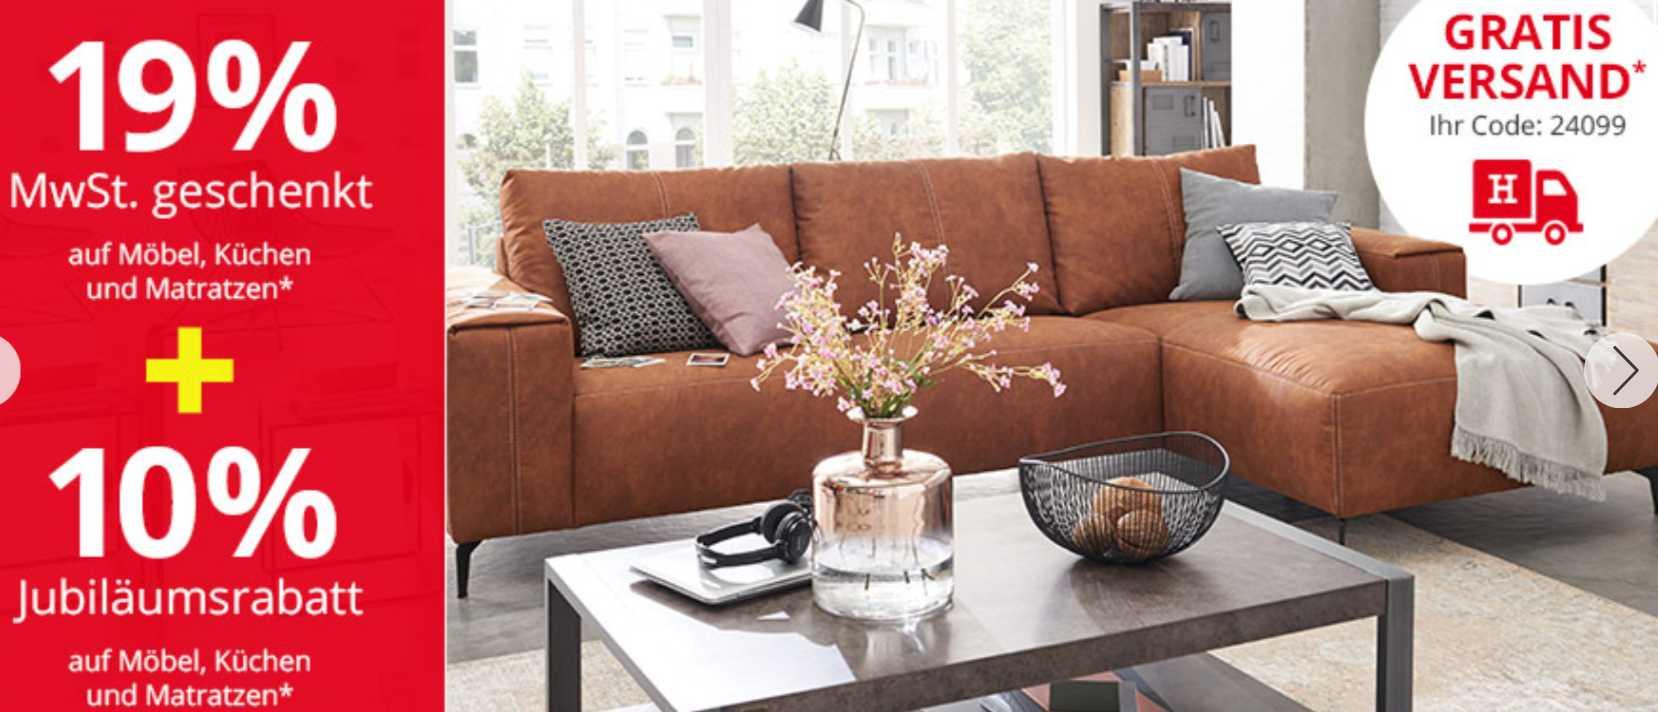 h ffner aktion 19 mwst geschenkt 10 extra. Black Bedroom Furniture Sets. Home Design Ideas